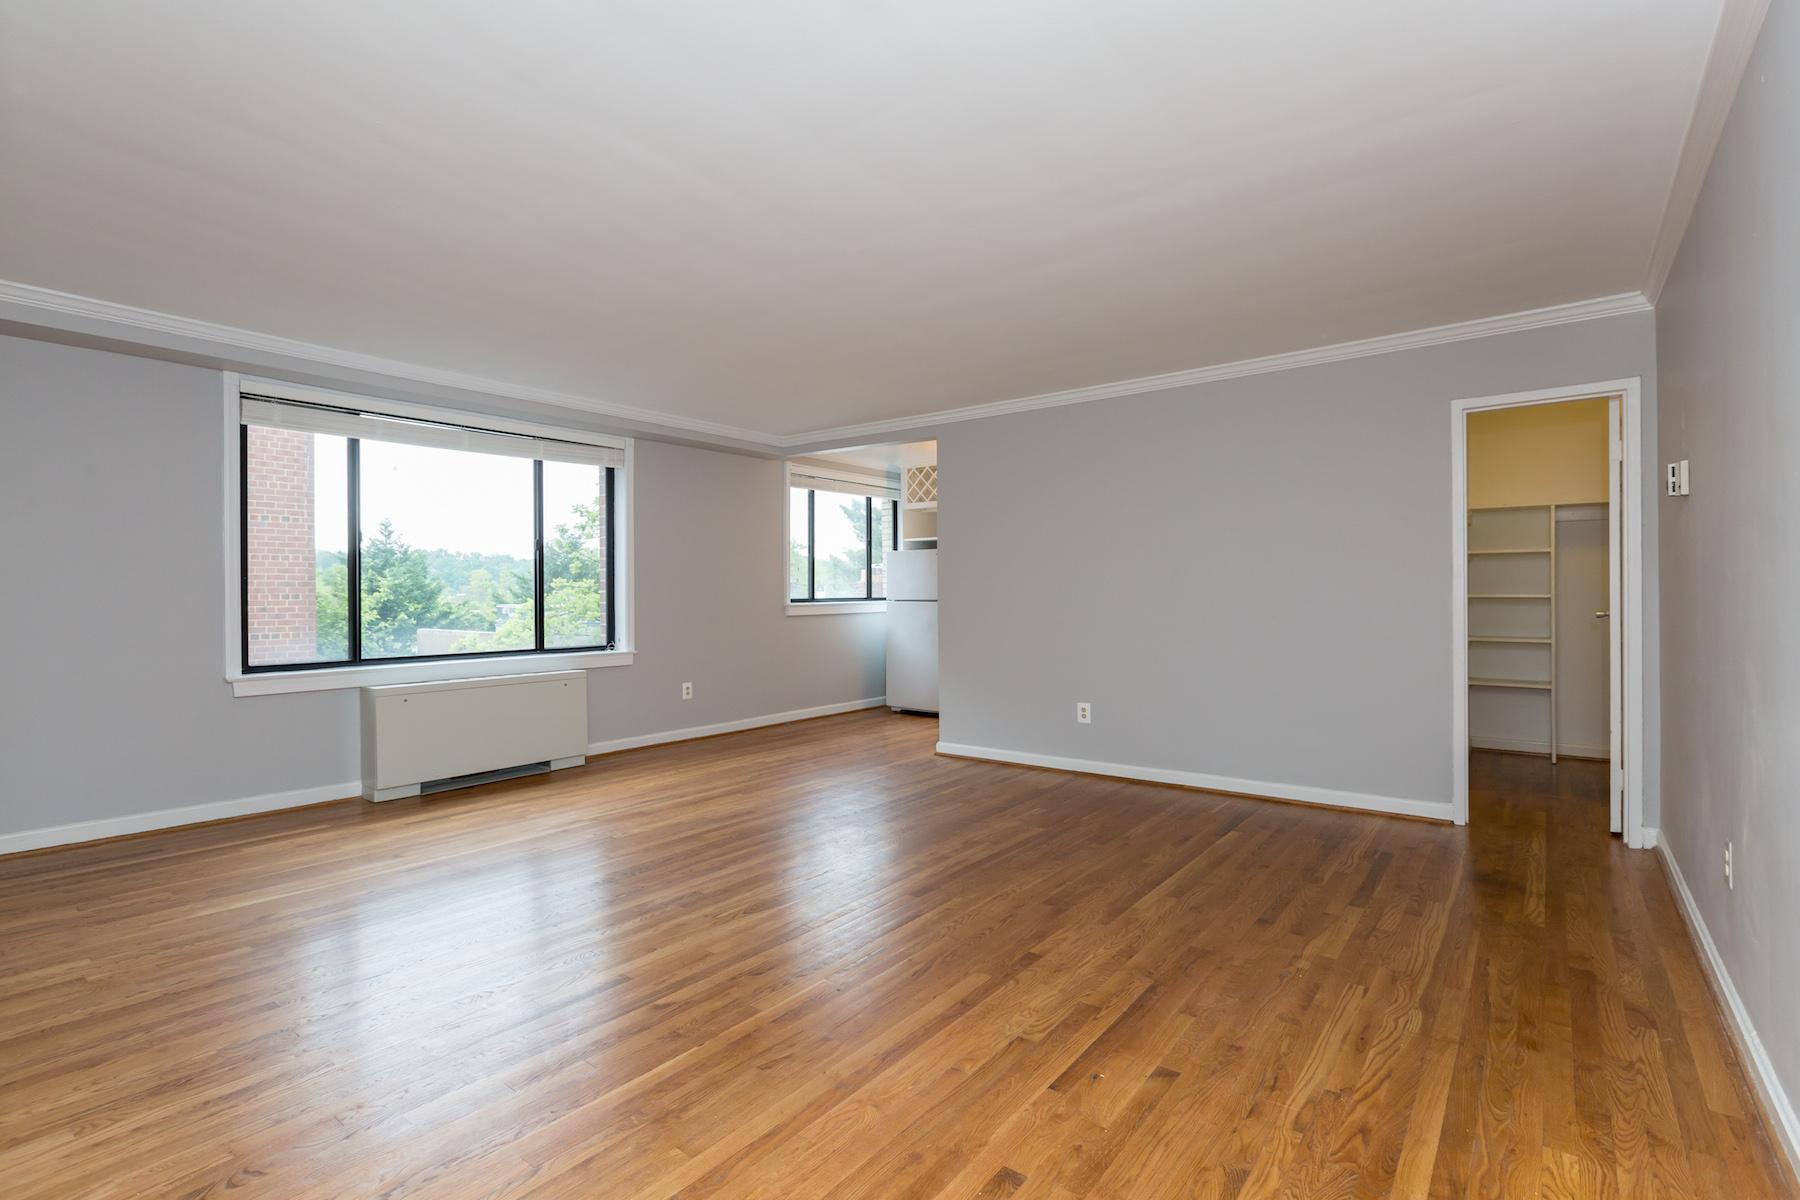 Appartement en copropriété pour l Vente à 5112 MacArthur Blvd #201 5112 Macarthur Blvd 201 Palisades, Washington, District De Columbia, 20016 États-Unis